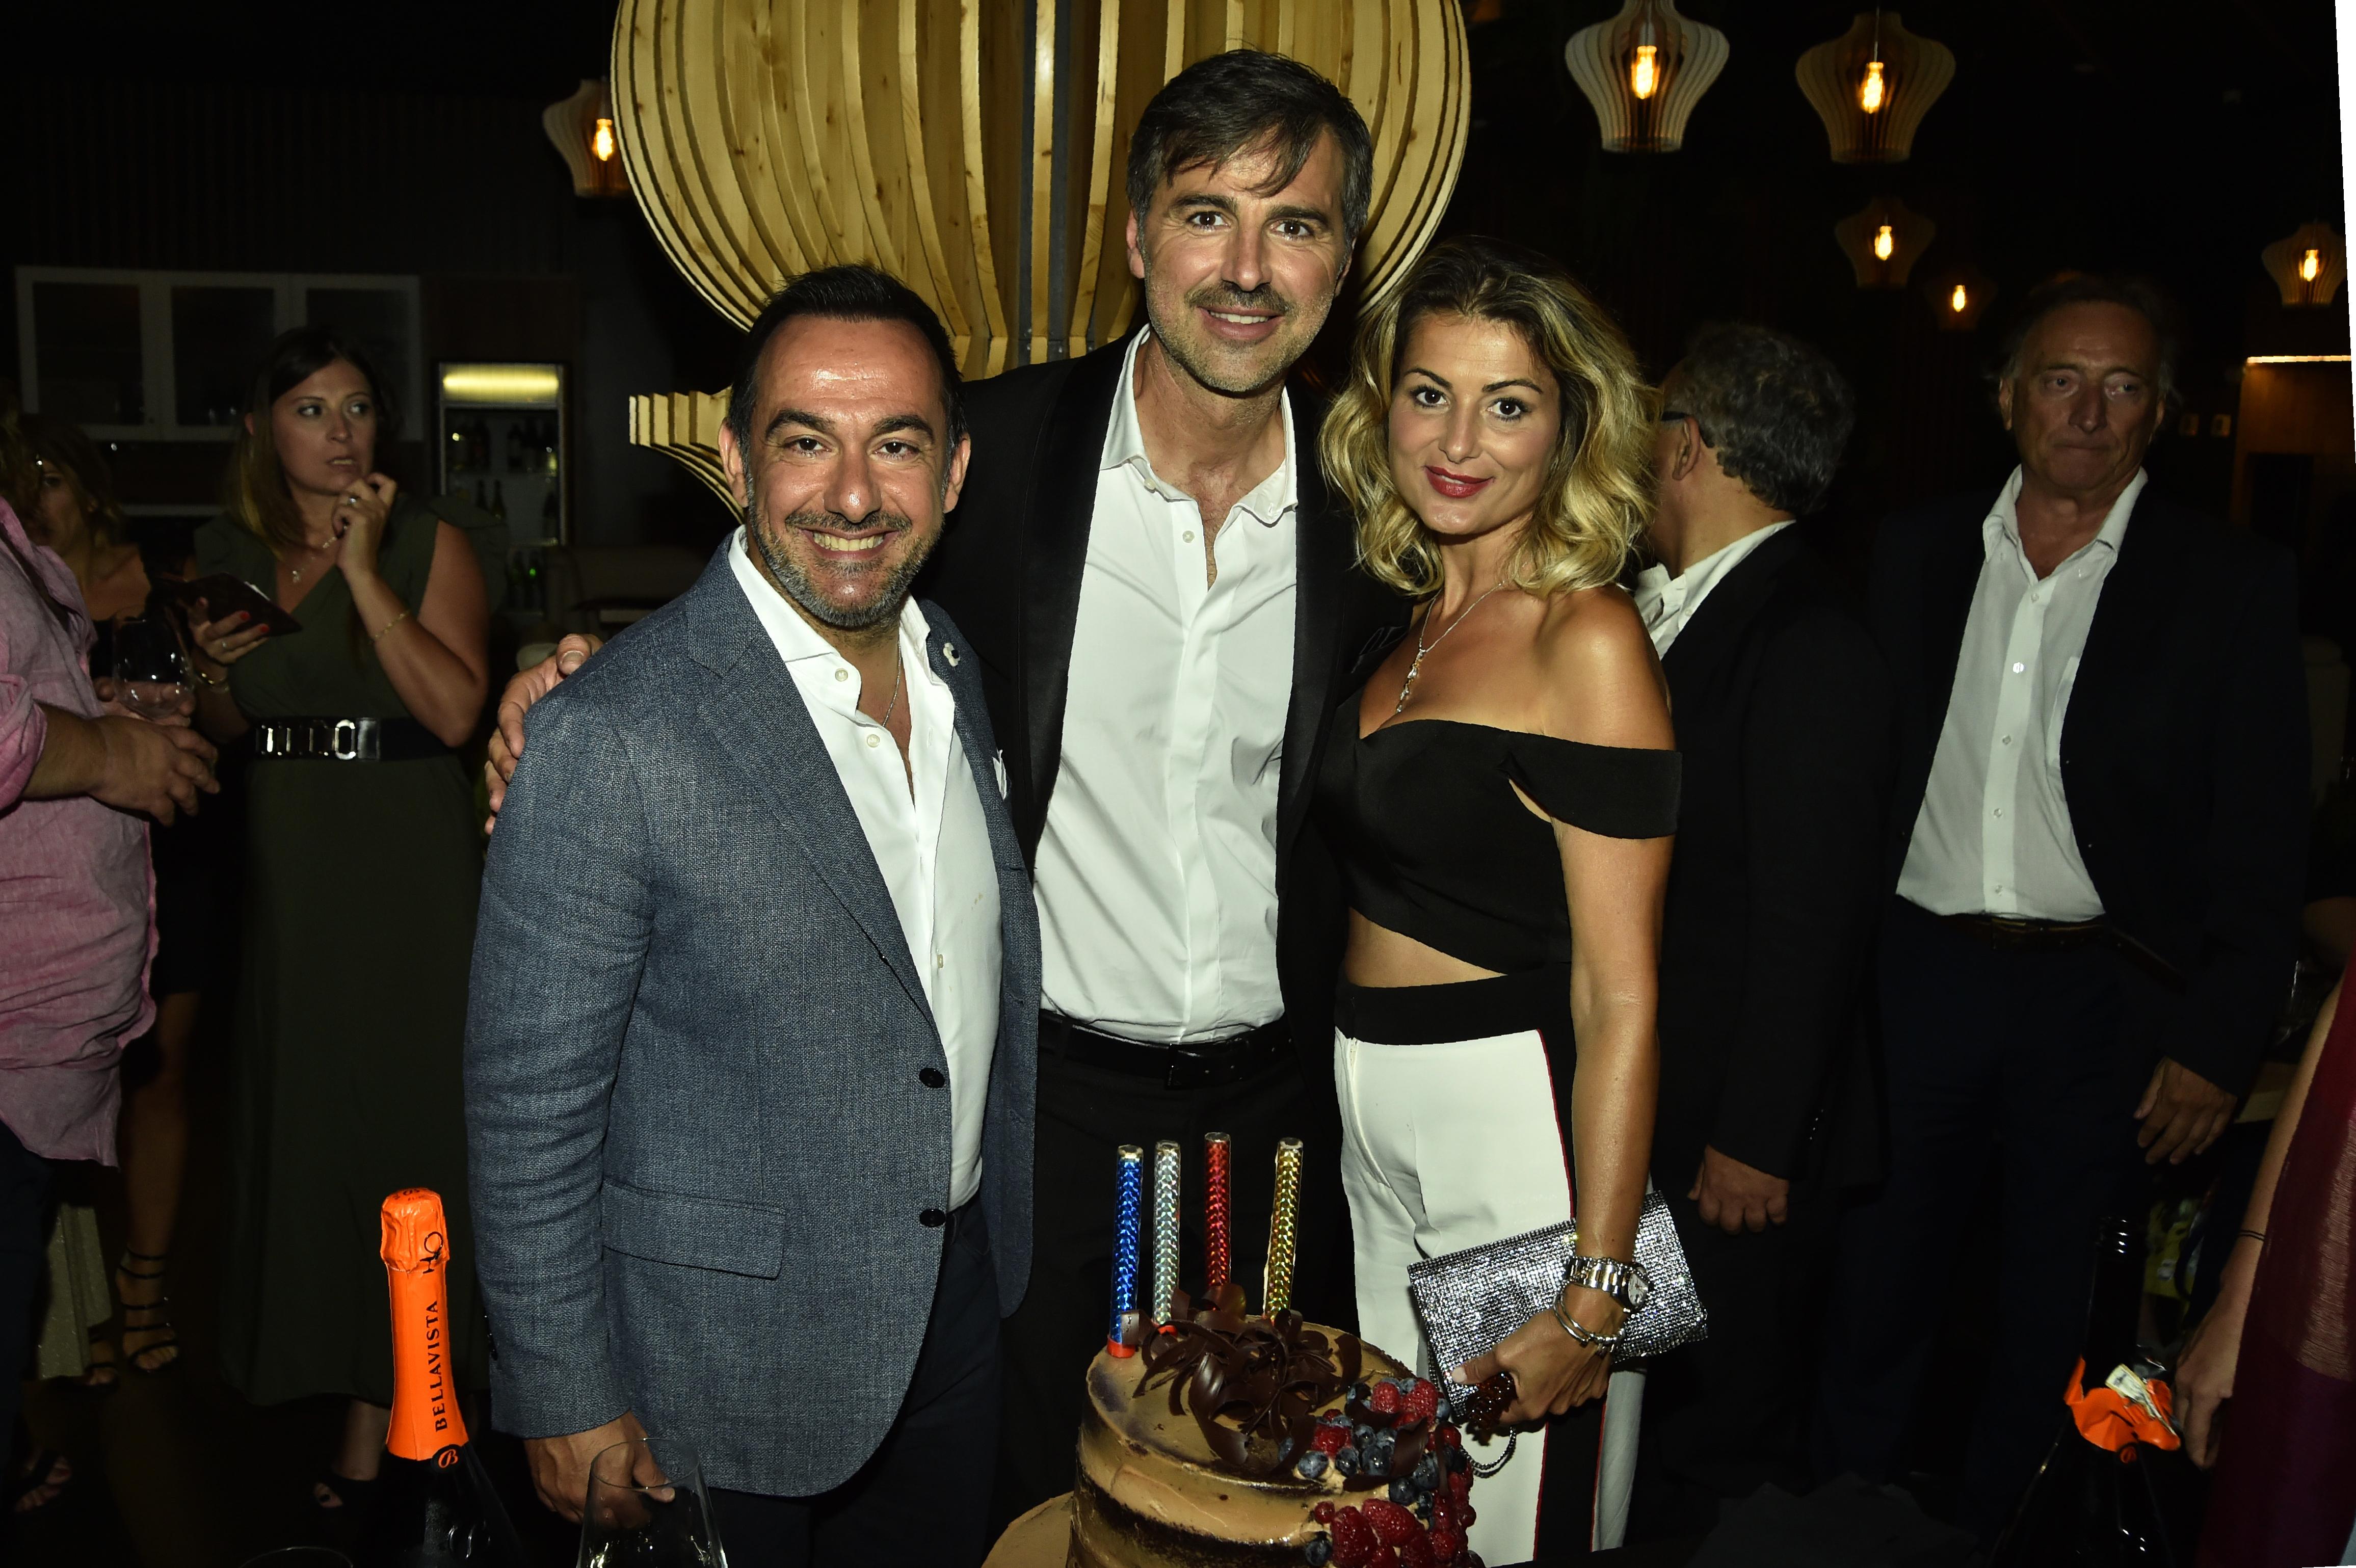 Beppe Convertini con Piero MAzzocchetti e la sua compagna